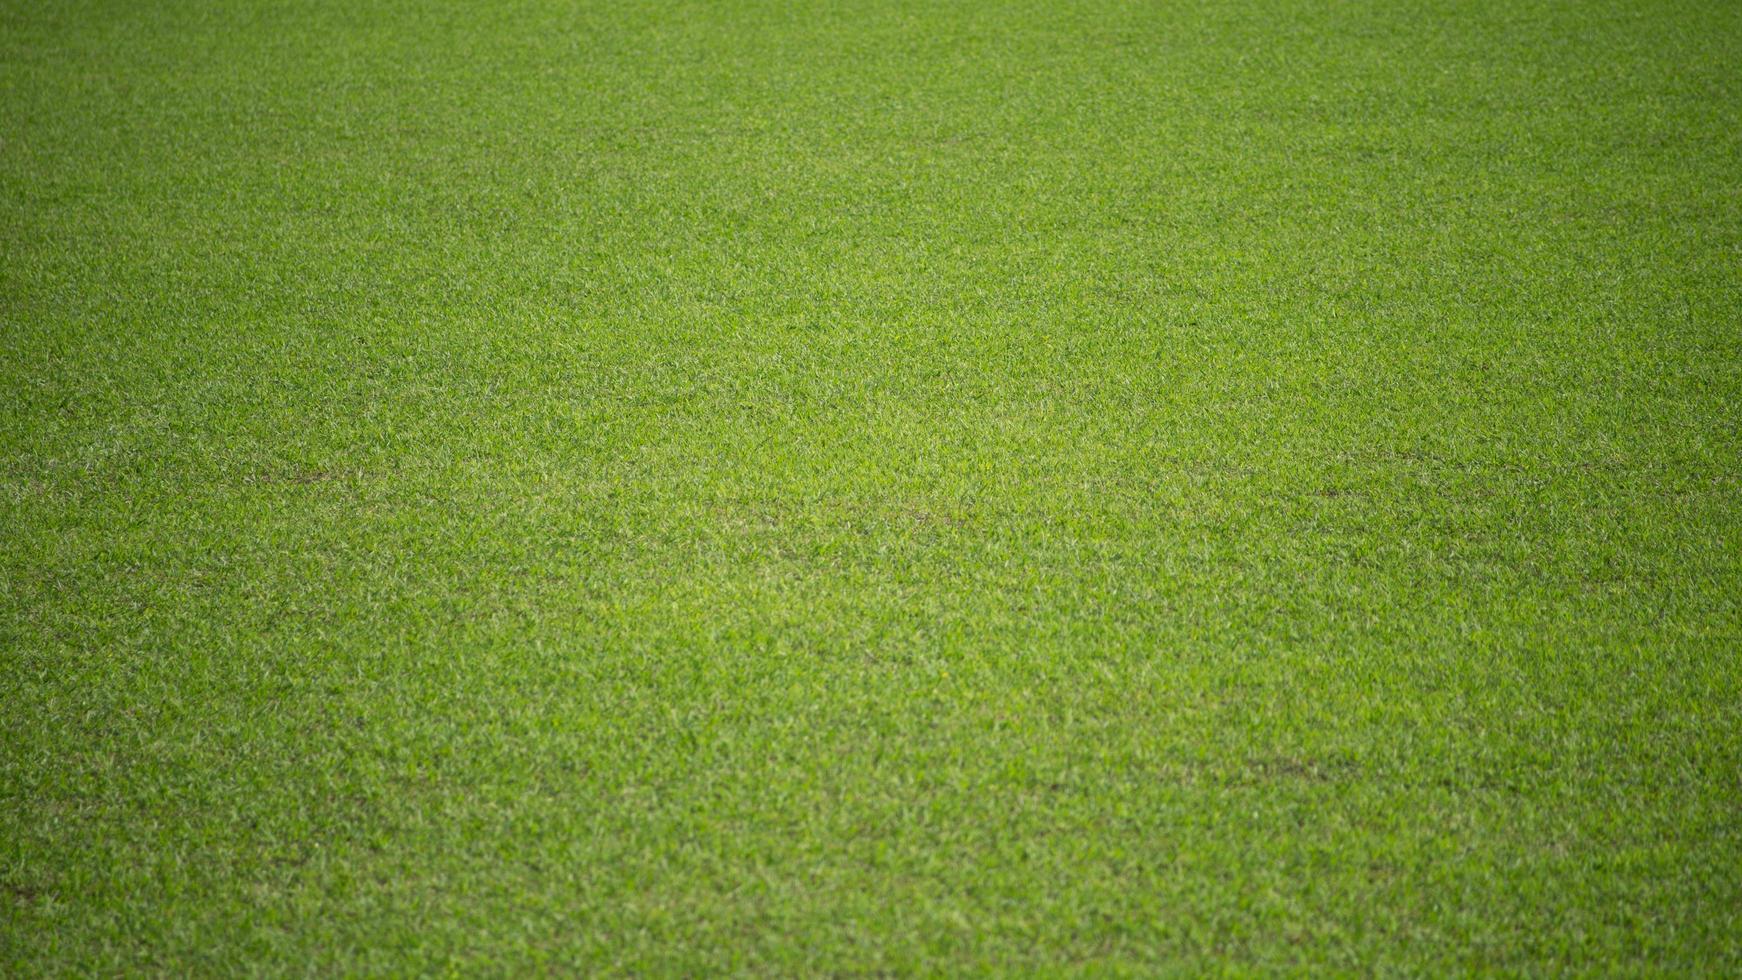 Fondo natural de un campo de fútbol verde de hierba. foto